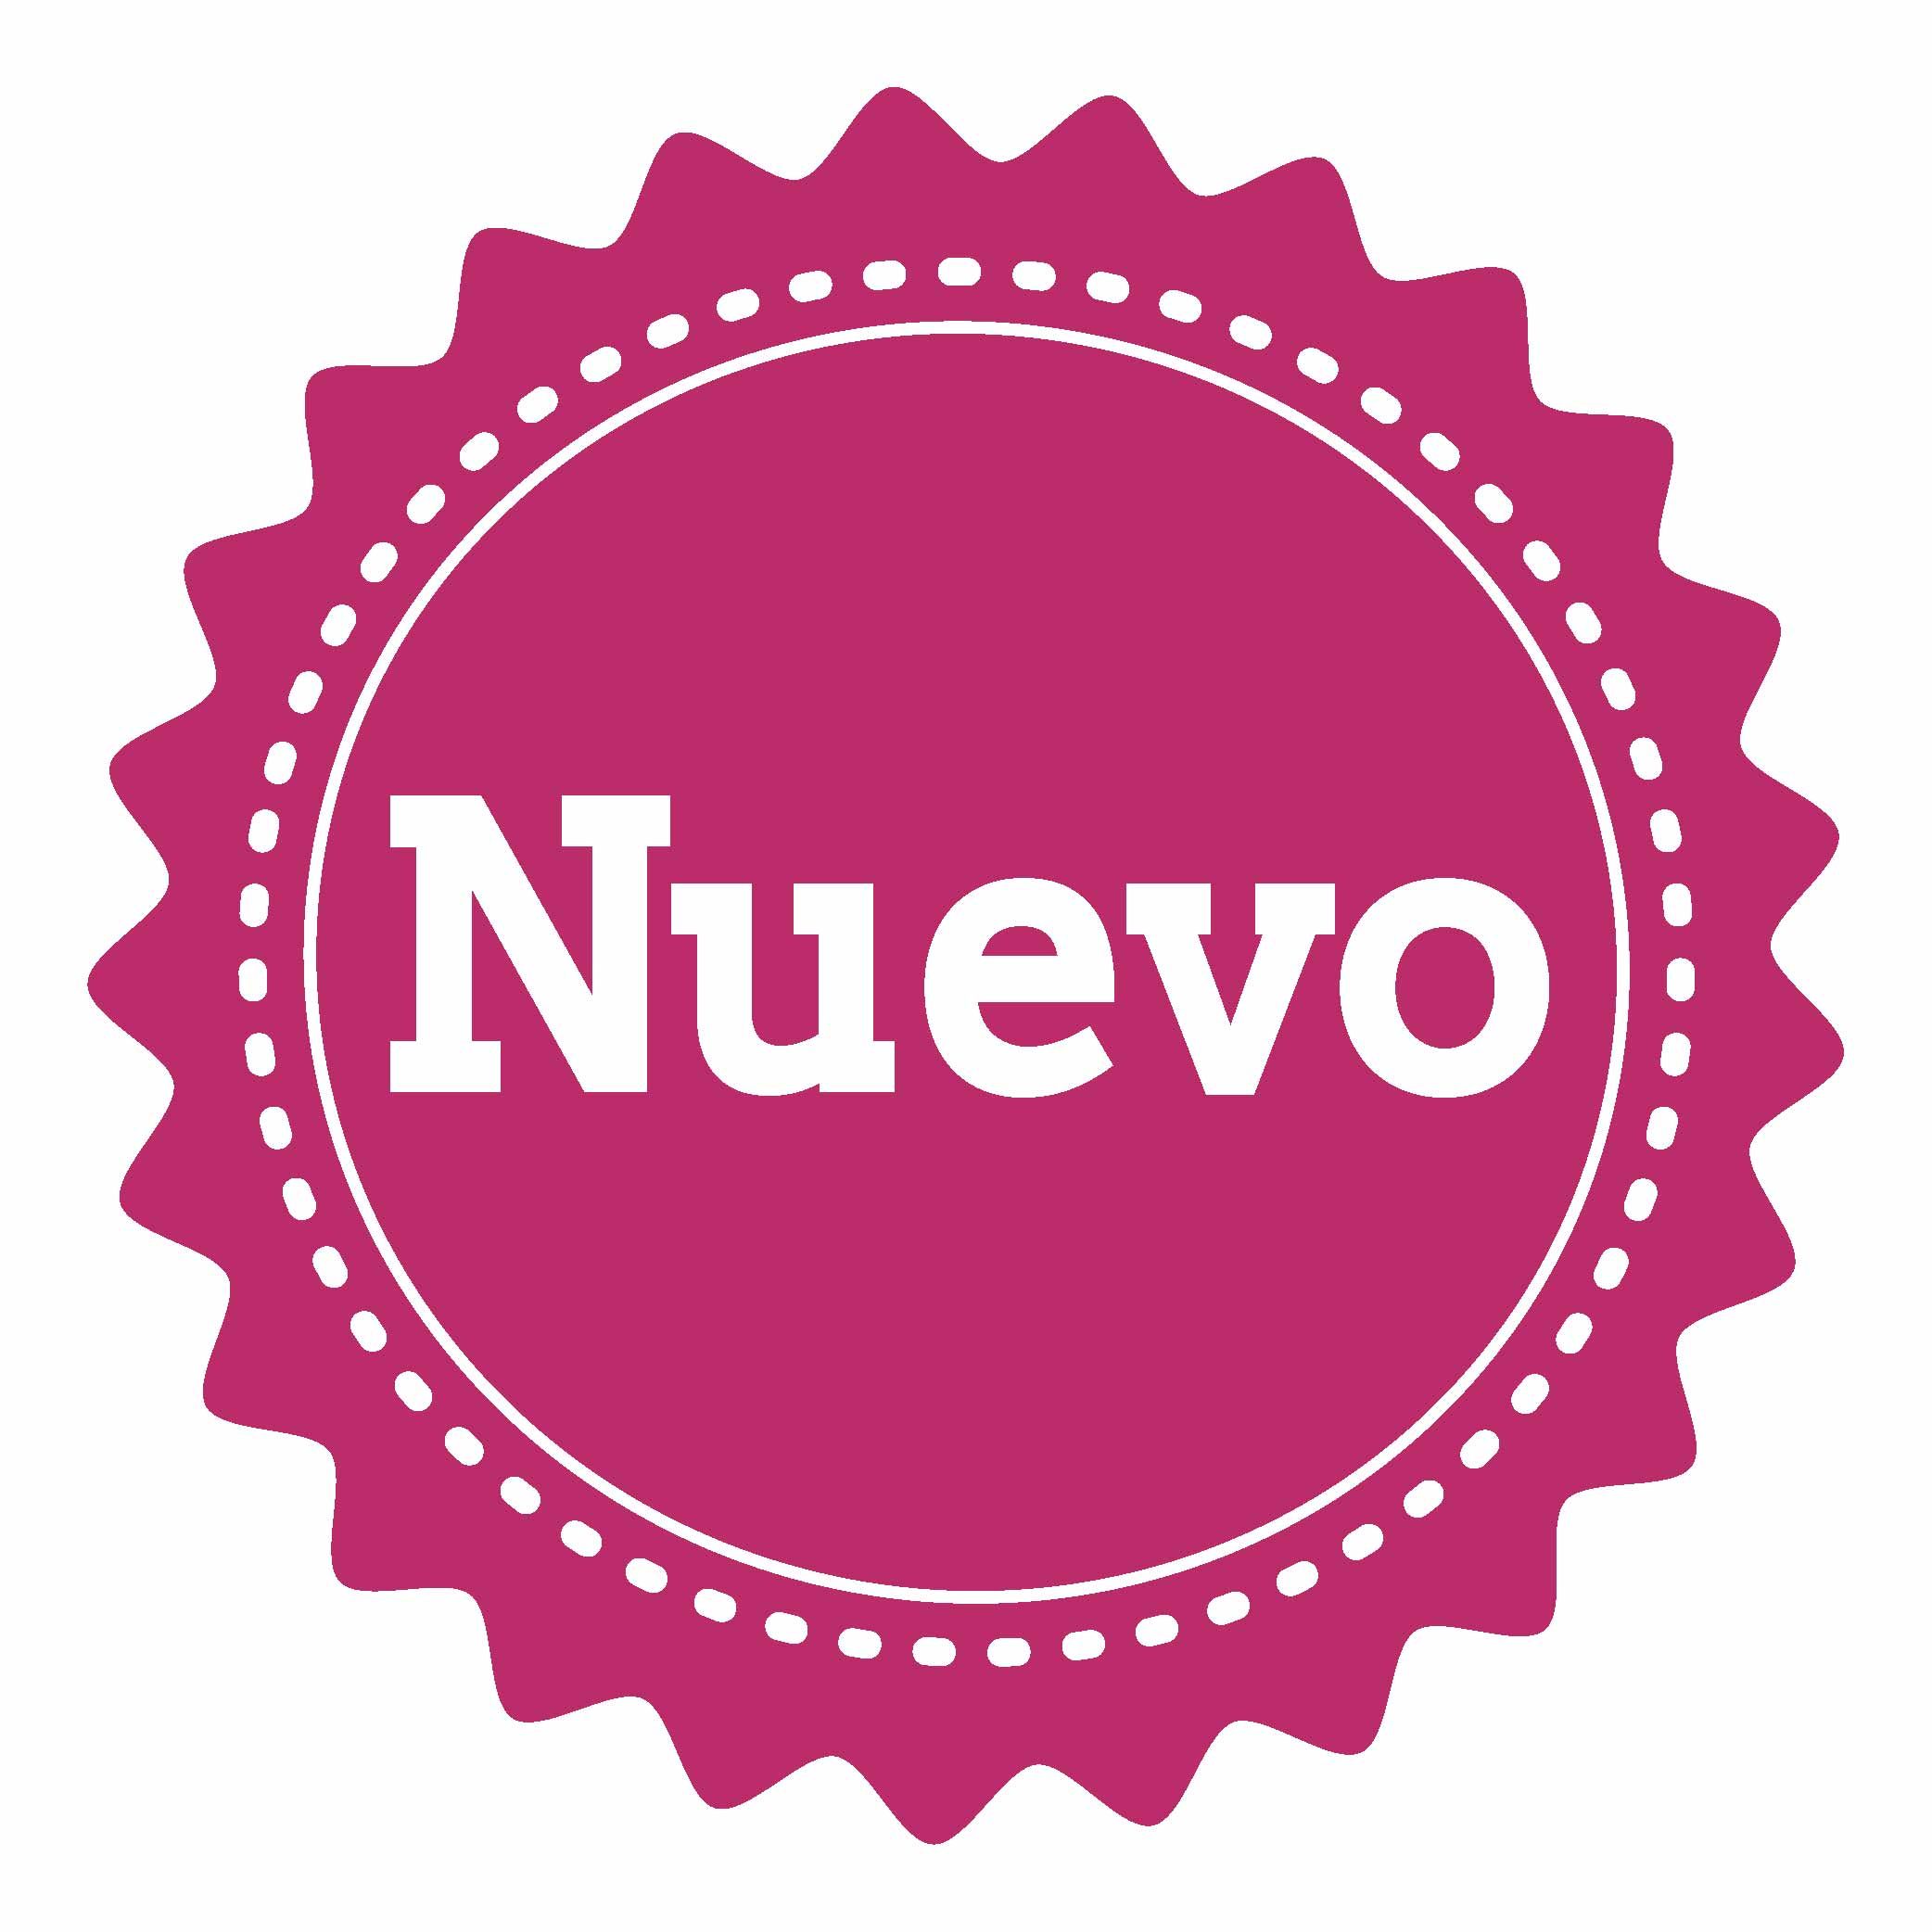 Nuevo-01